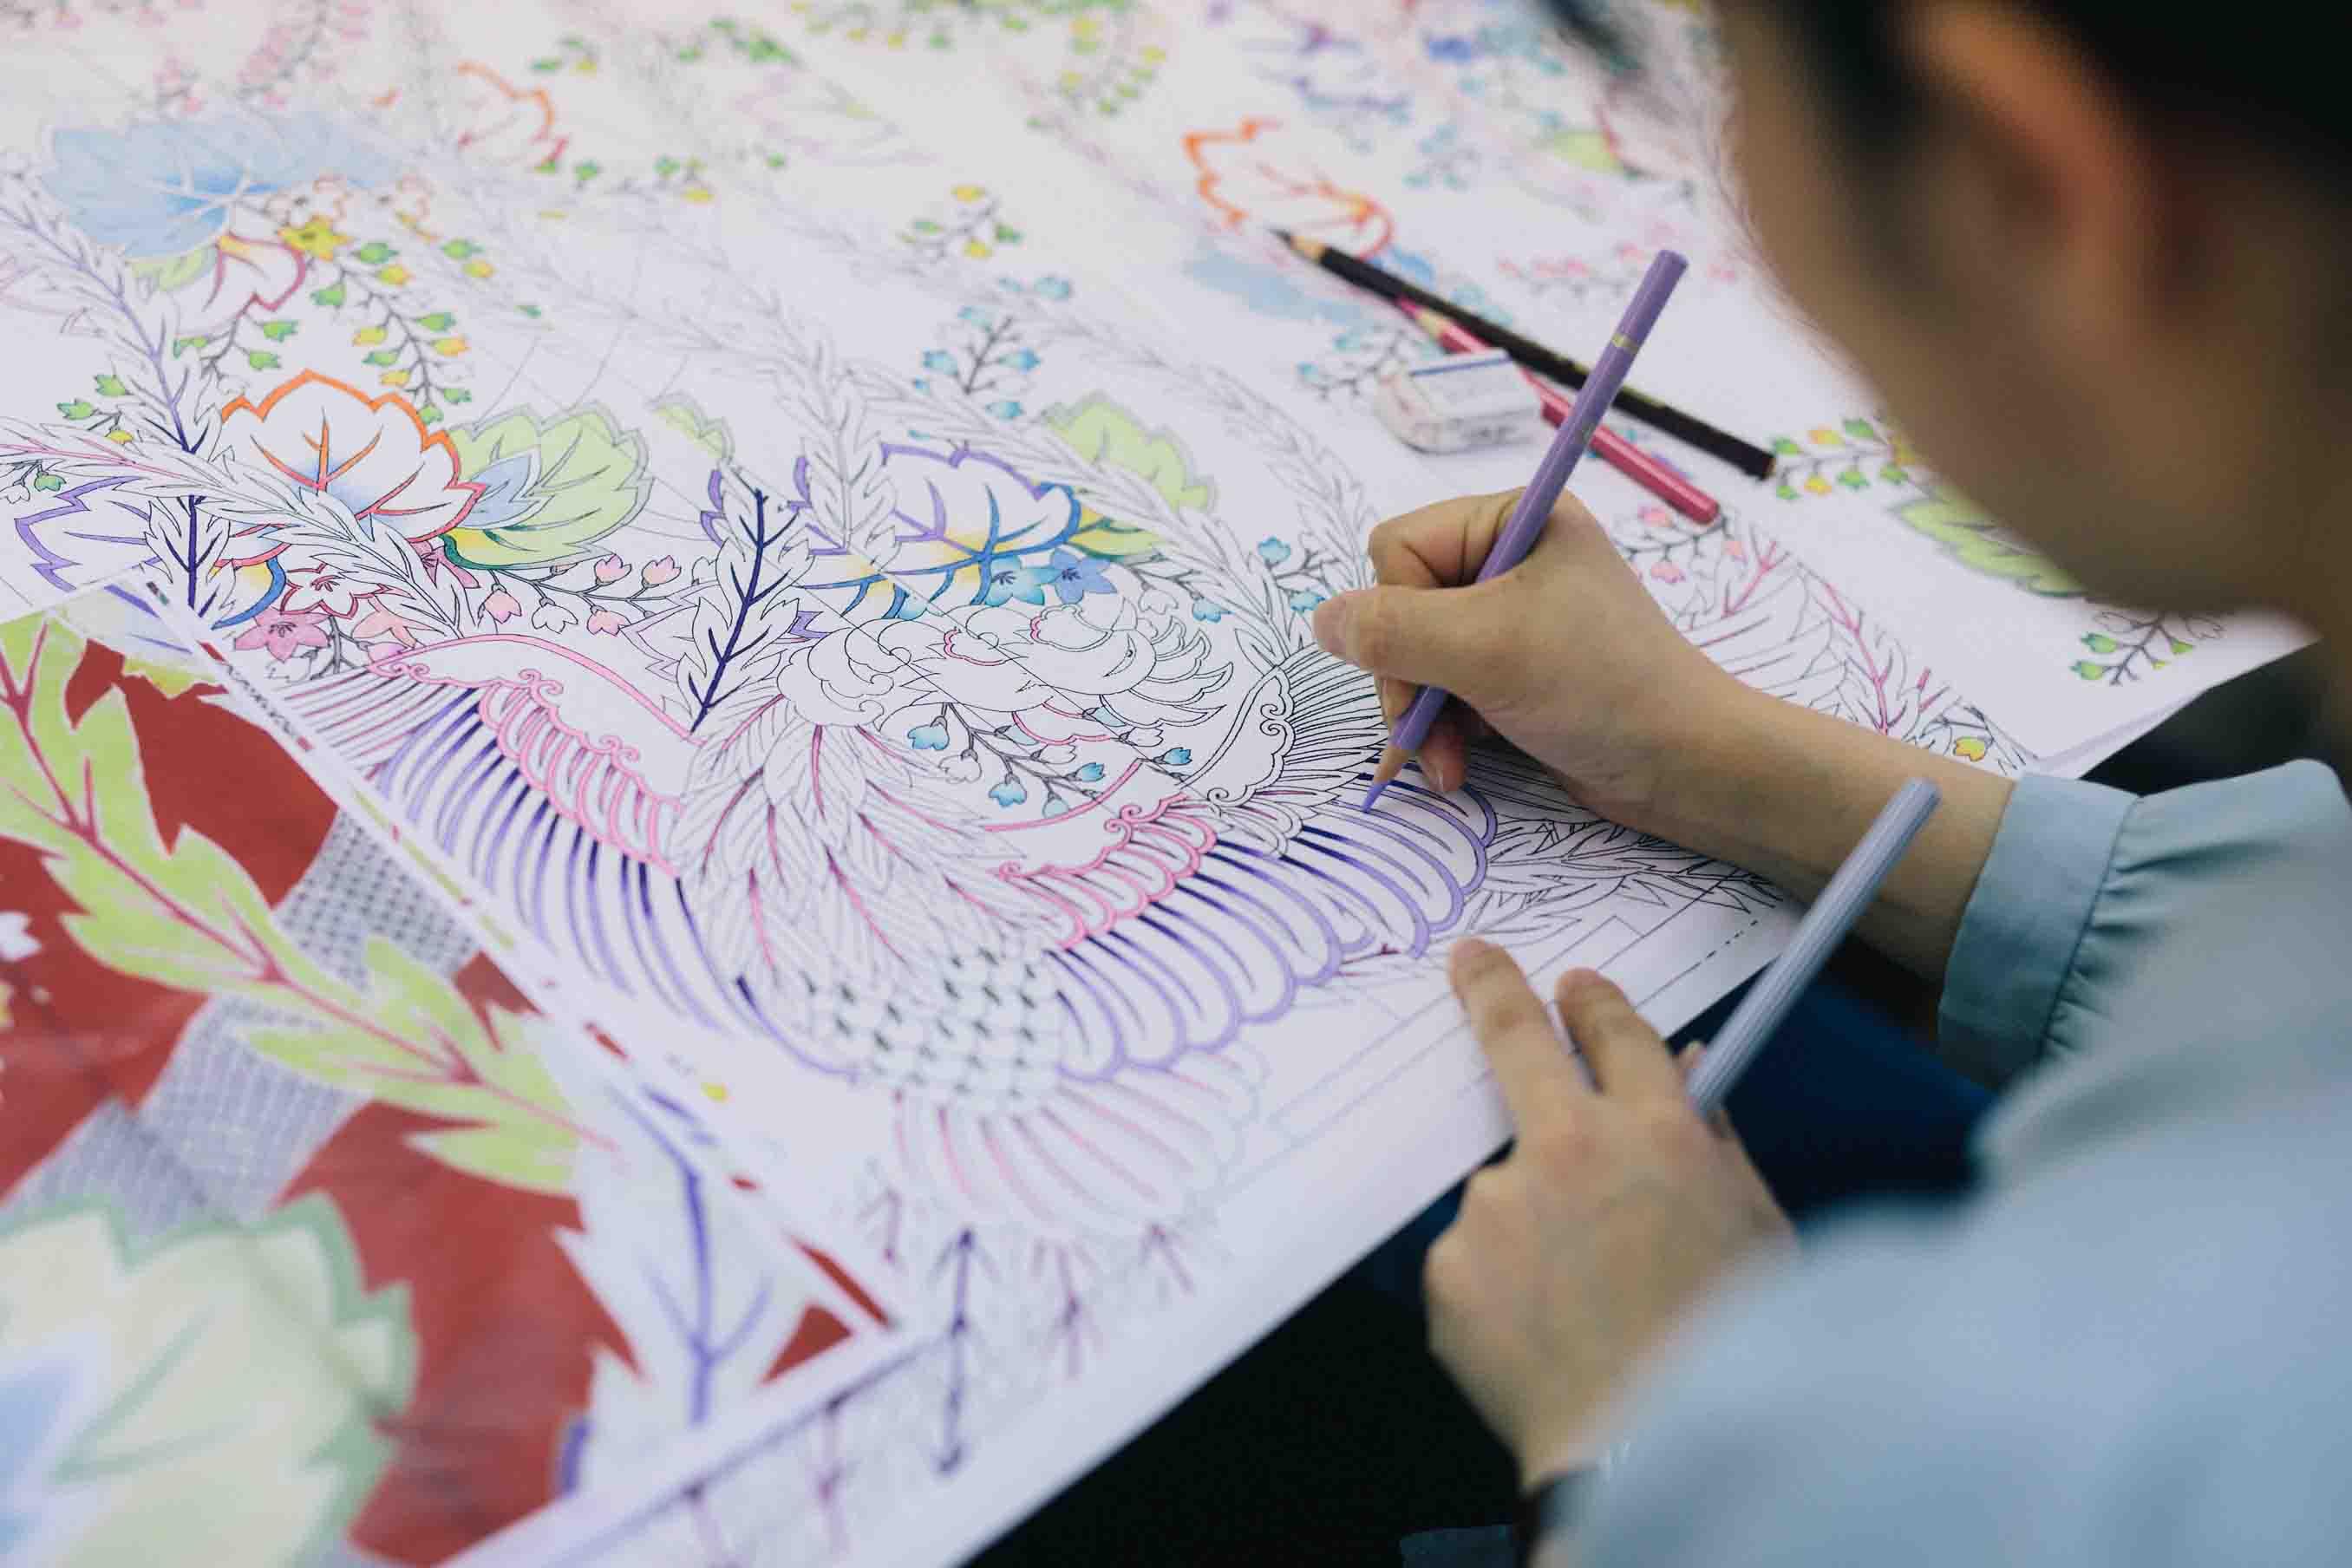 創案工程で、柄の色を指定しているところ。色味だけでなく、ぼかし方なども全て原寸大で描き出します